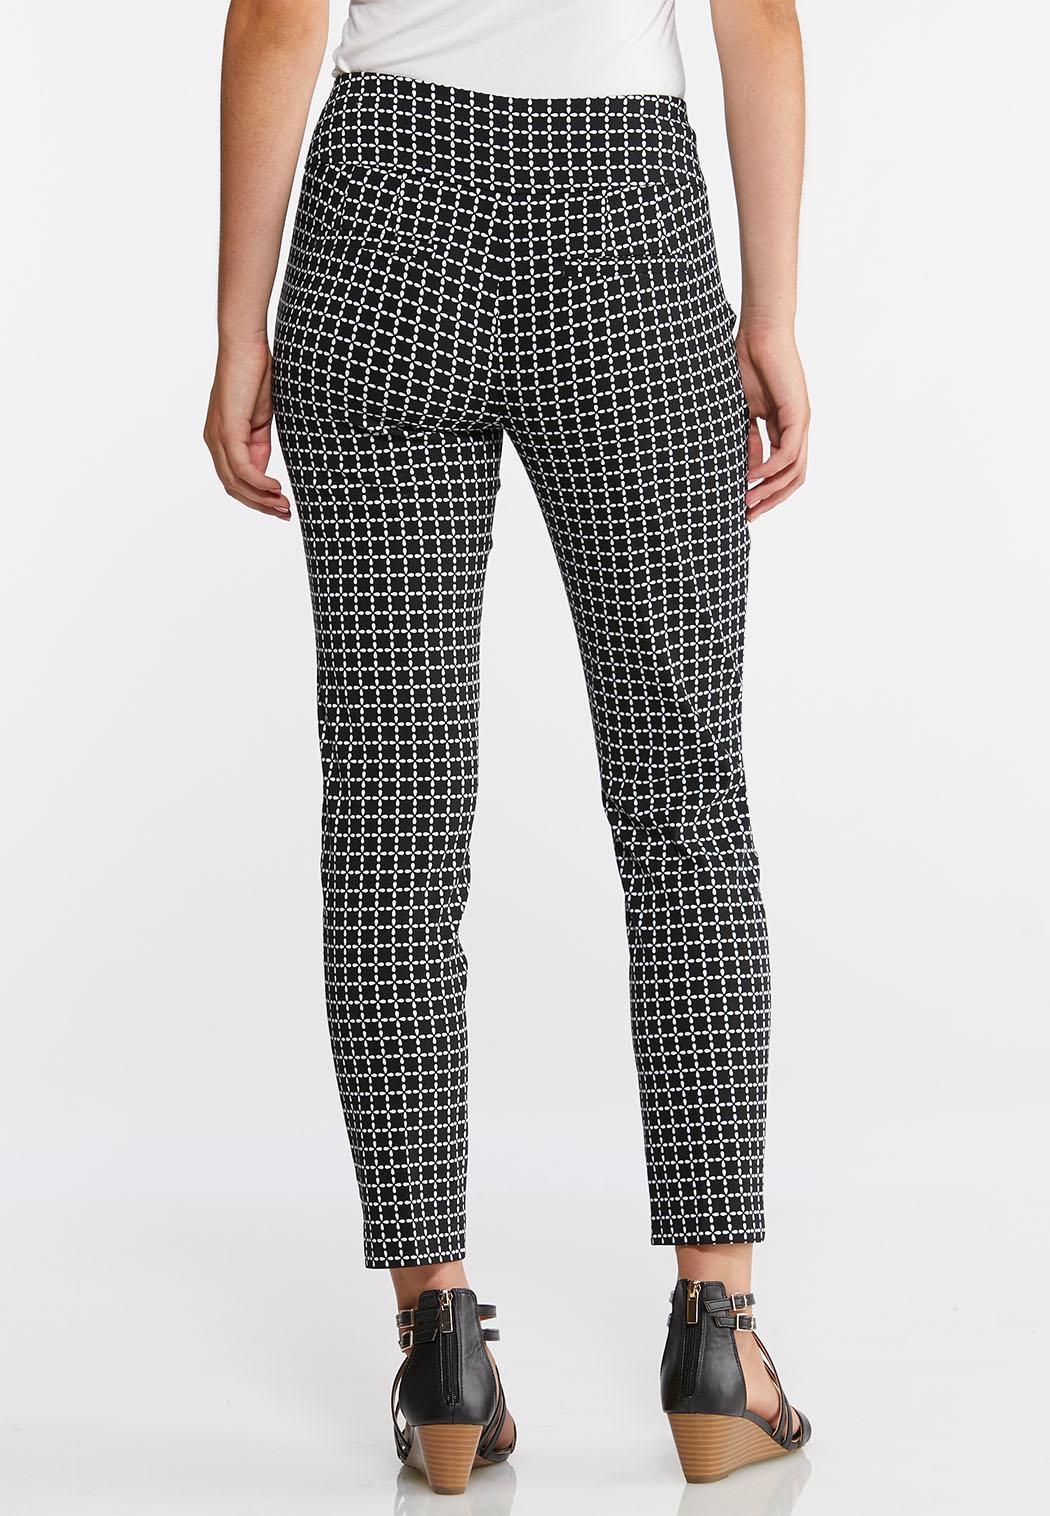 Mod Ankle Pants (Item #43910685)